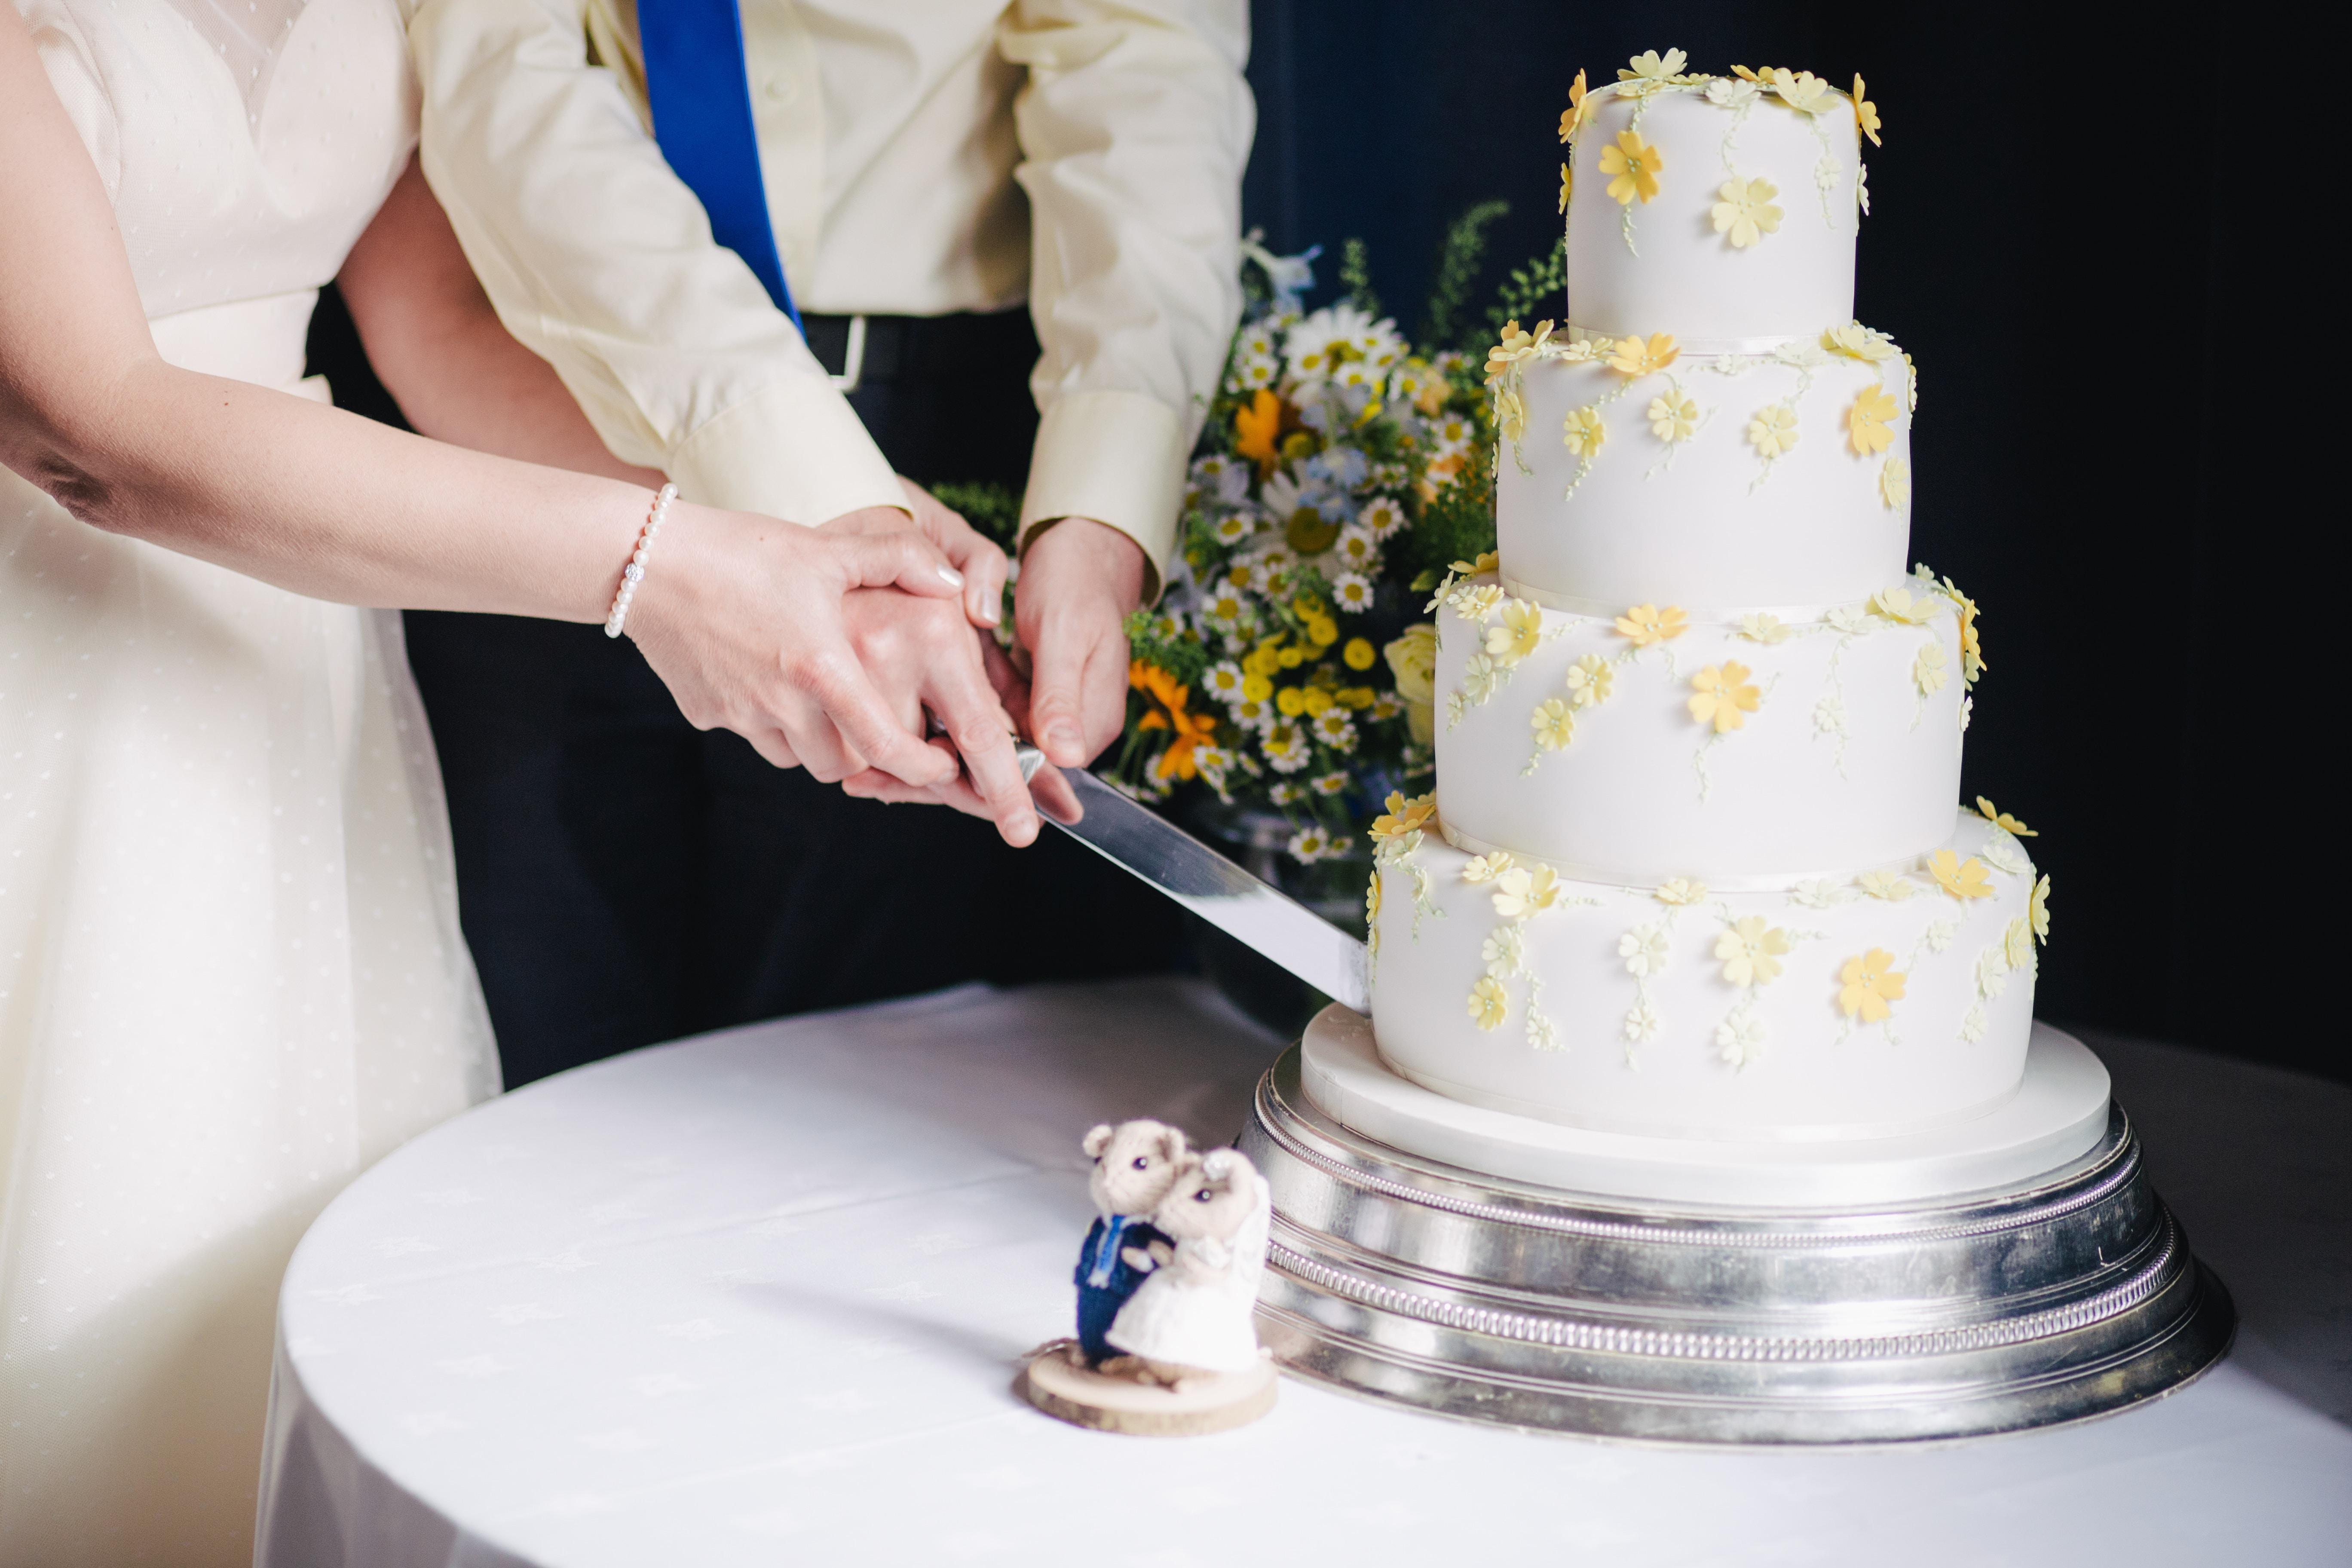 Kaip surengti vestuves ir išlaikyti sveiką biudžetą?